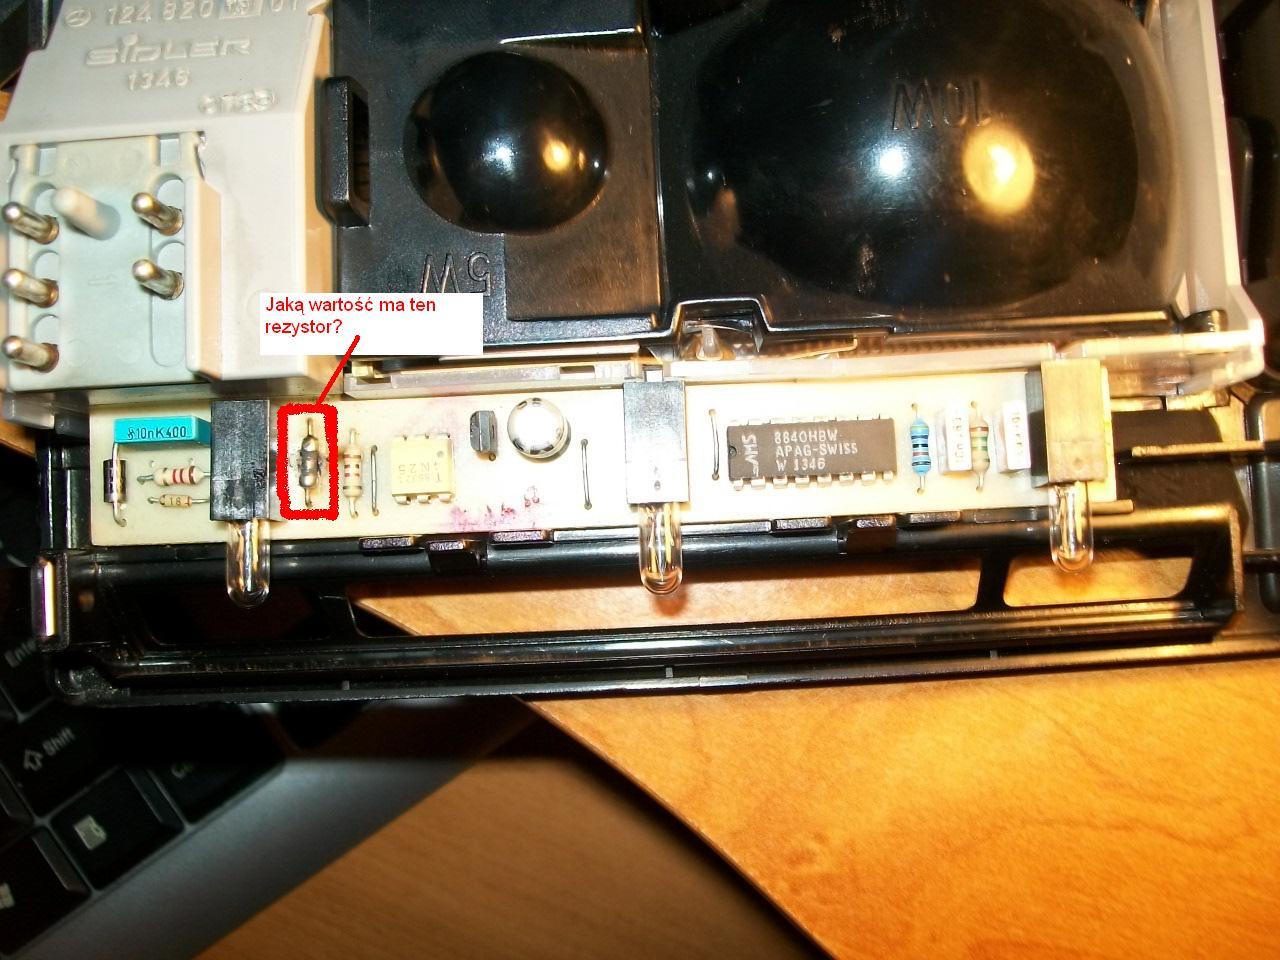 Mercedes 124 lampka o�wietlenia wn�trza - spalony rezystor.